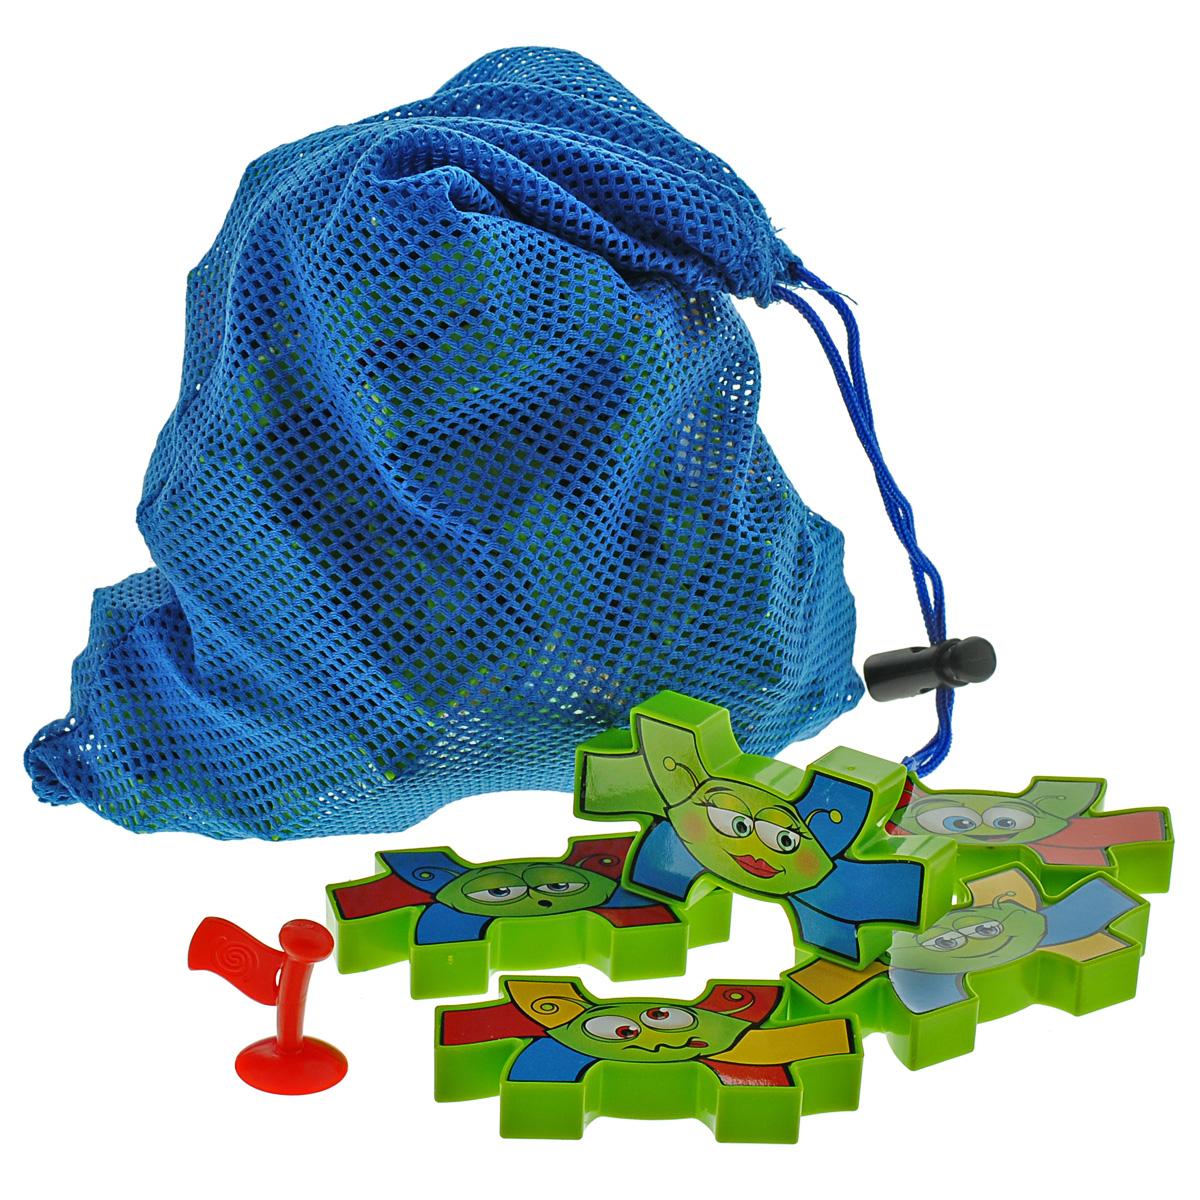 Настольная игра Thinkfun Муравьиная тропинка5980-RUНастольная игра Thinkfun Муравьиная тропинка соберет за одним столом всю семью и порадует как детей, так и взрослых. В набор входят: 40 фишек-муравьев, флажок, мешочек для транспортировки и хранения и правила игры на русском языке. Муравьиная тропинка - это настоящее шестиногое домино! Выкладывайте фишки на игровое поле по принципу домино, выстраивая муравьиную тропинку. Постарайтесь соединить как можно больше ножек одного цвета. Побеждает тот игрок, который первым избавился от всех фишек на руках. Игра рассчитана на компанию из 2-6 игроков - вместе веселее! Она поможет эмоциональному развитию ребенка, а также поспособствует развитию внимательности, мелкой моторику и стратегического мышления.